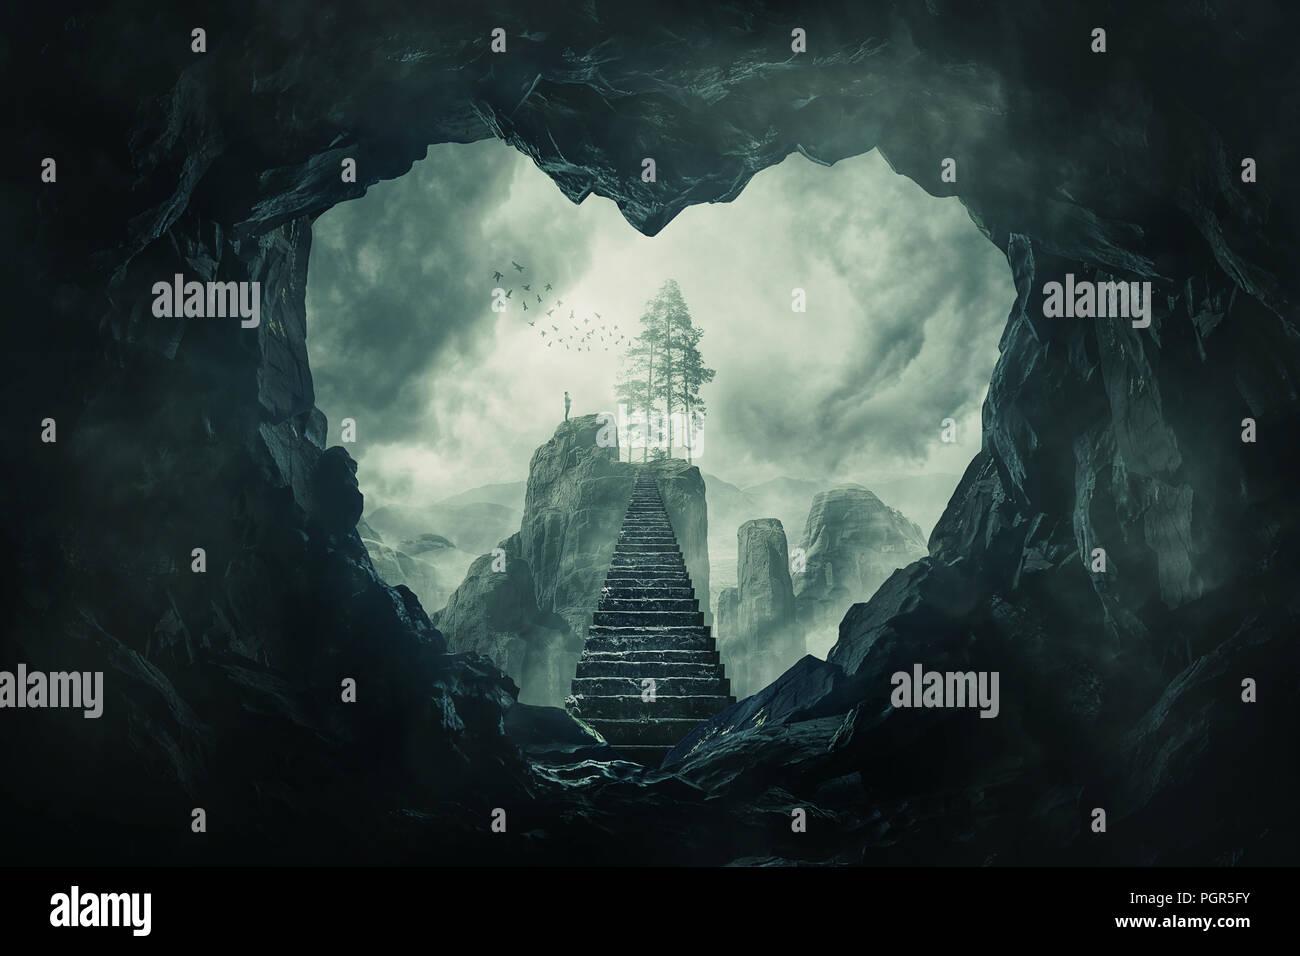 Vista surreale a forma di cuore ad caverna scura uscire e scala mistica attraversando il misty abisso andando fino al paradiso sconosciuto. Opportunità scala per amore, titolo Immagini Stock